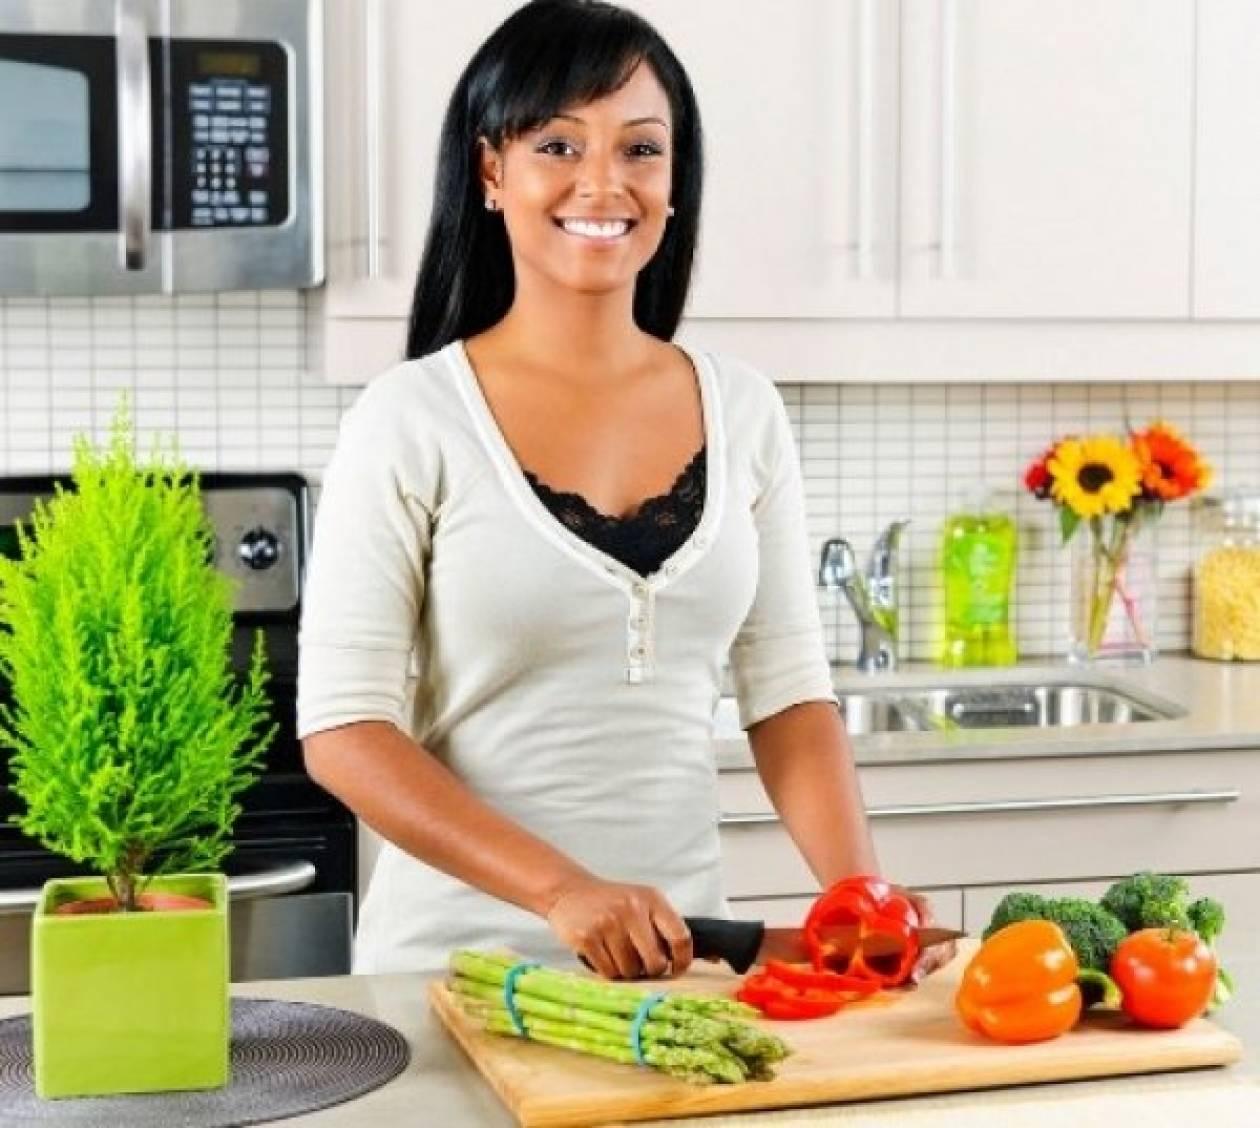 Οικονομία στην κουζίνα: 5+1 tips για να γλιτώνετε χρήματα